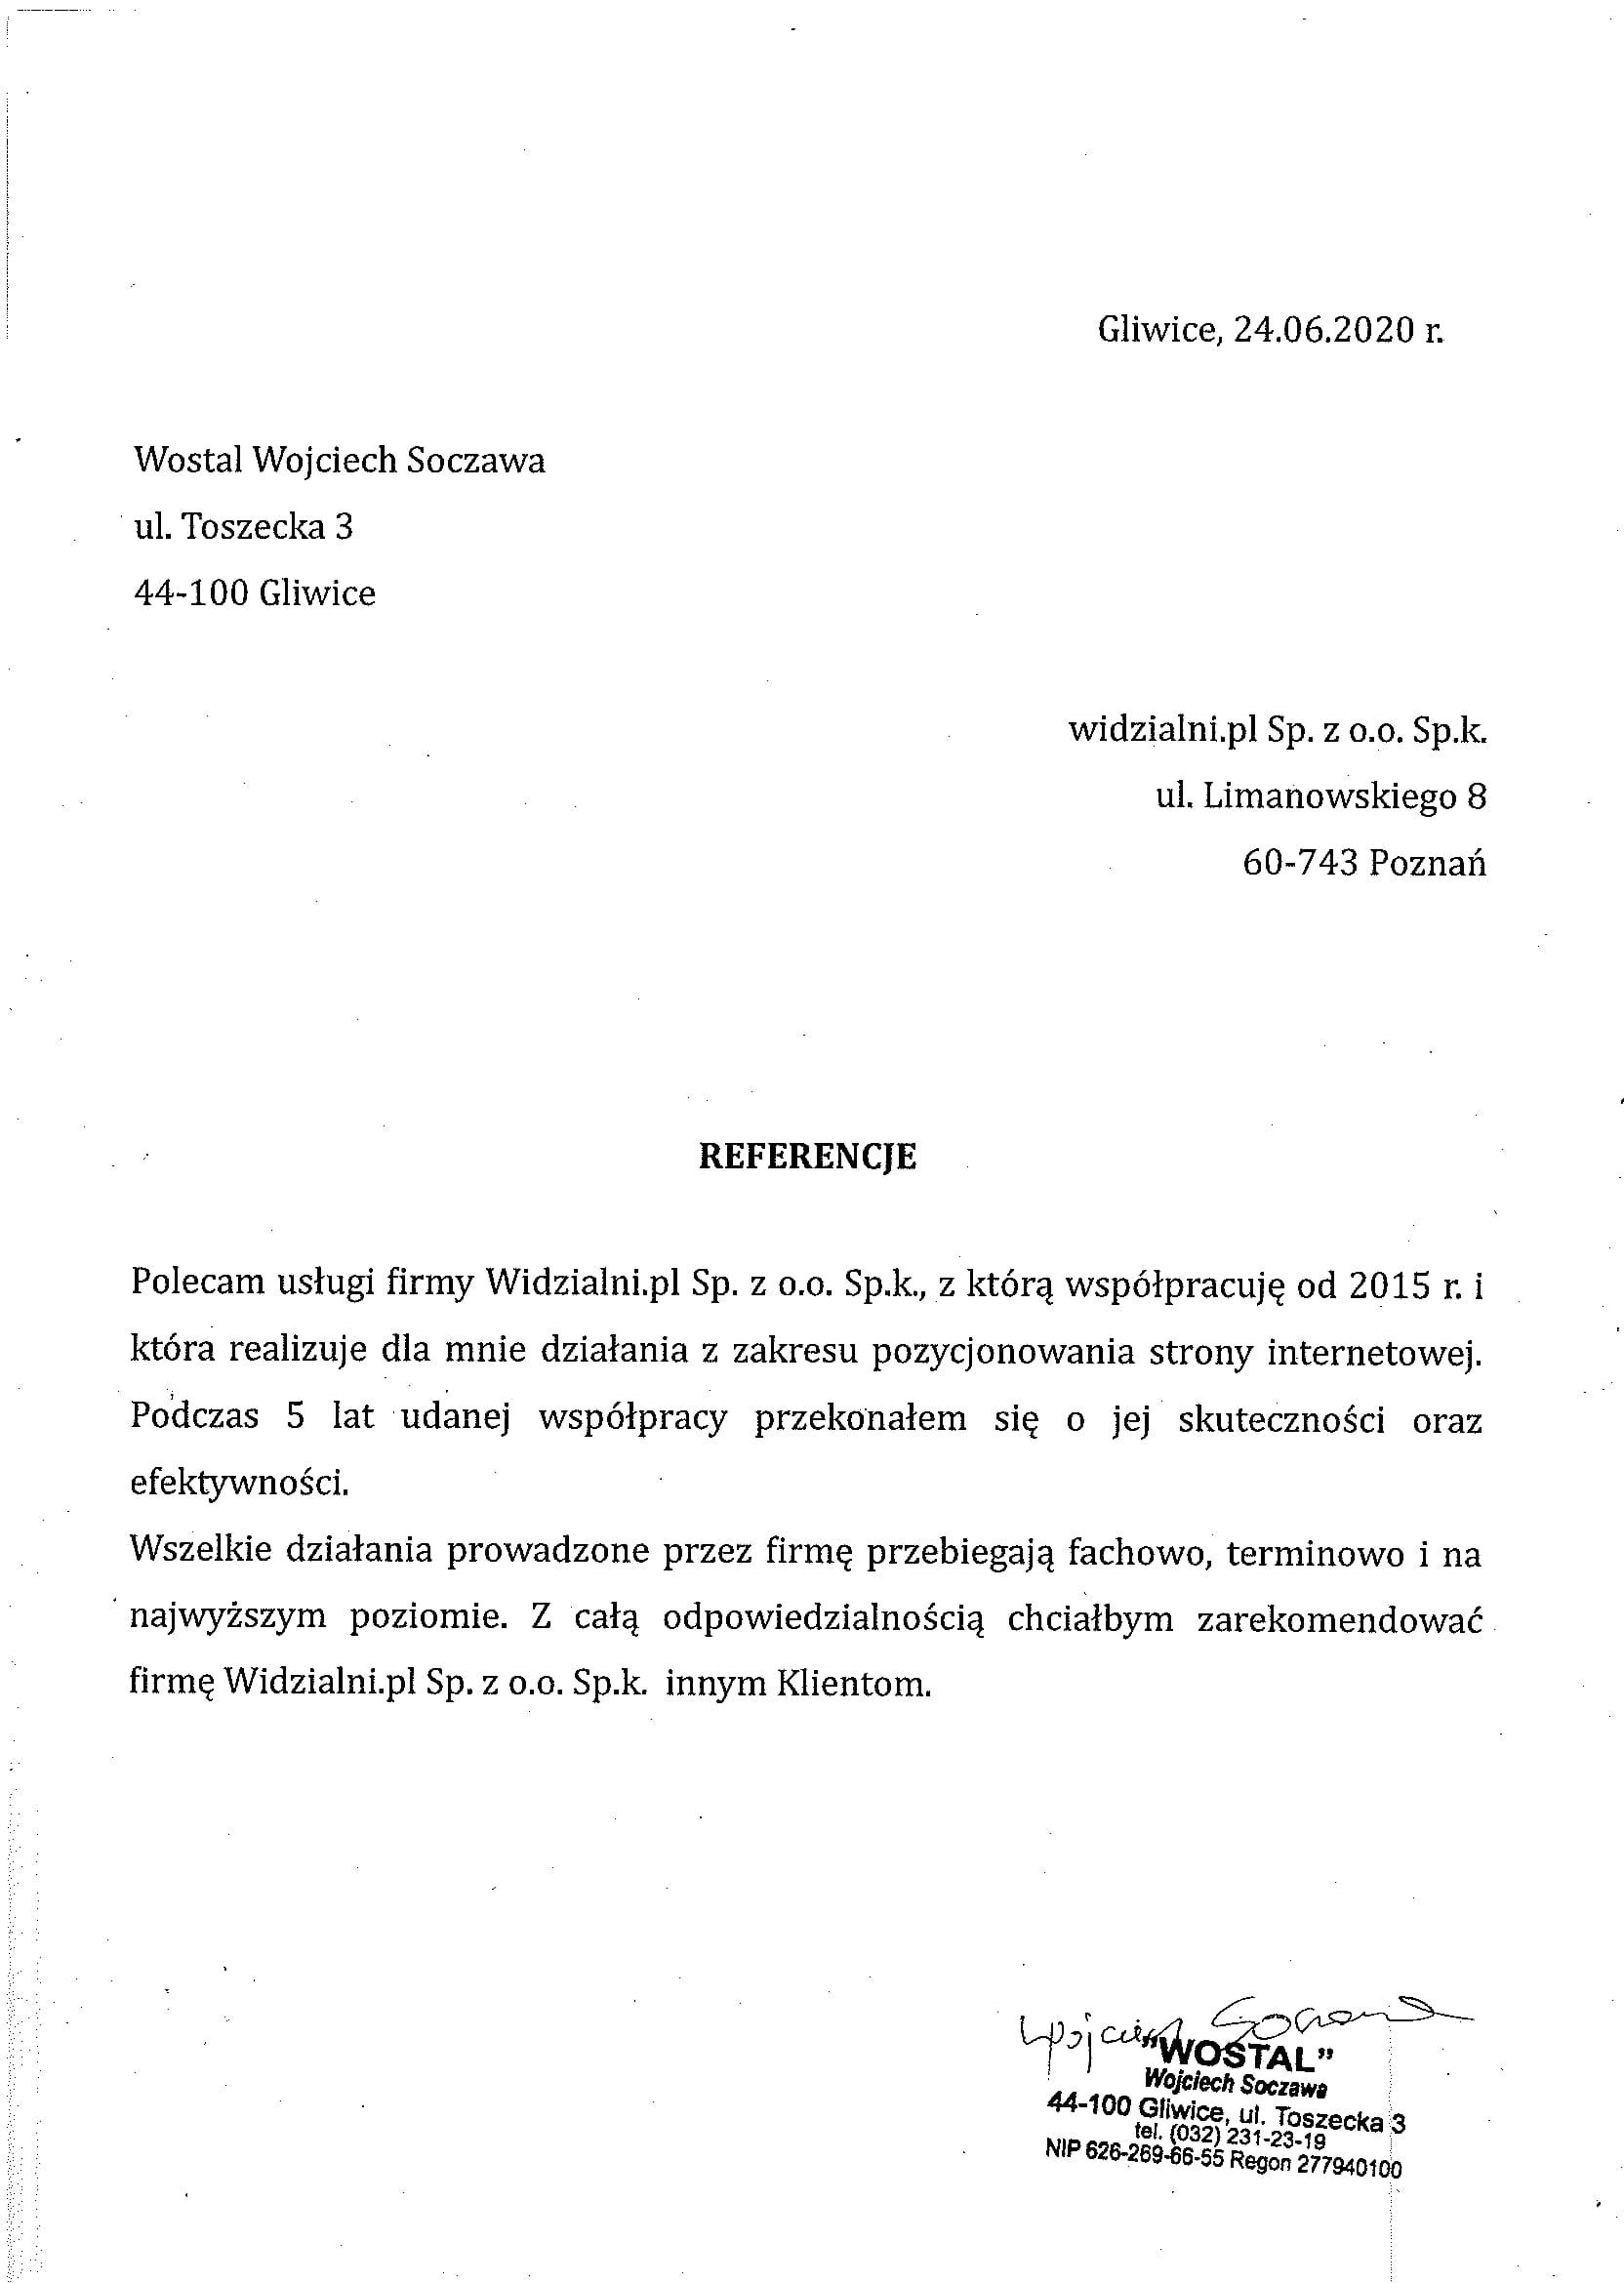 Referencje Wostal Wojciech Soczawa